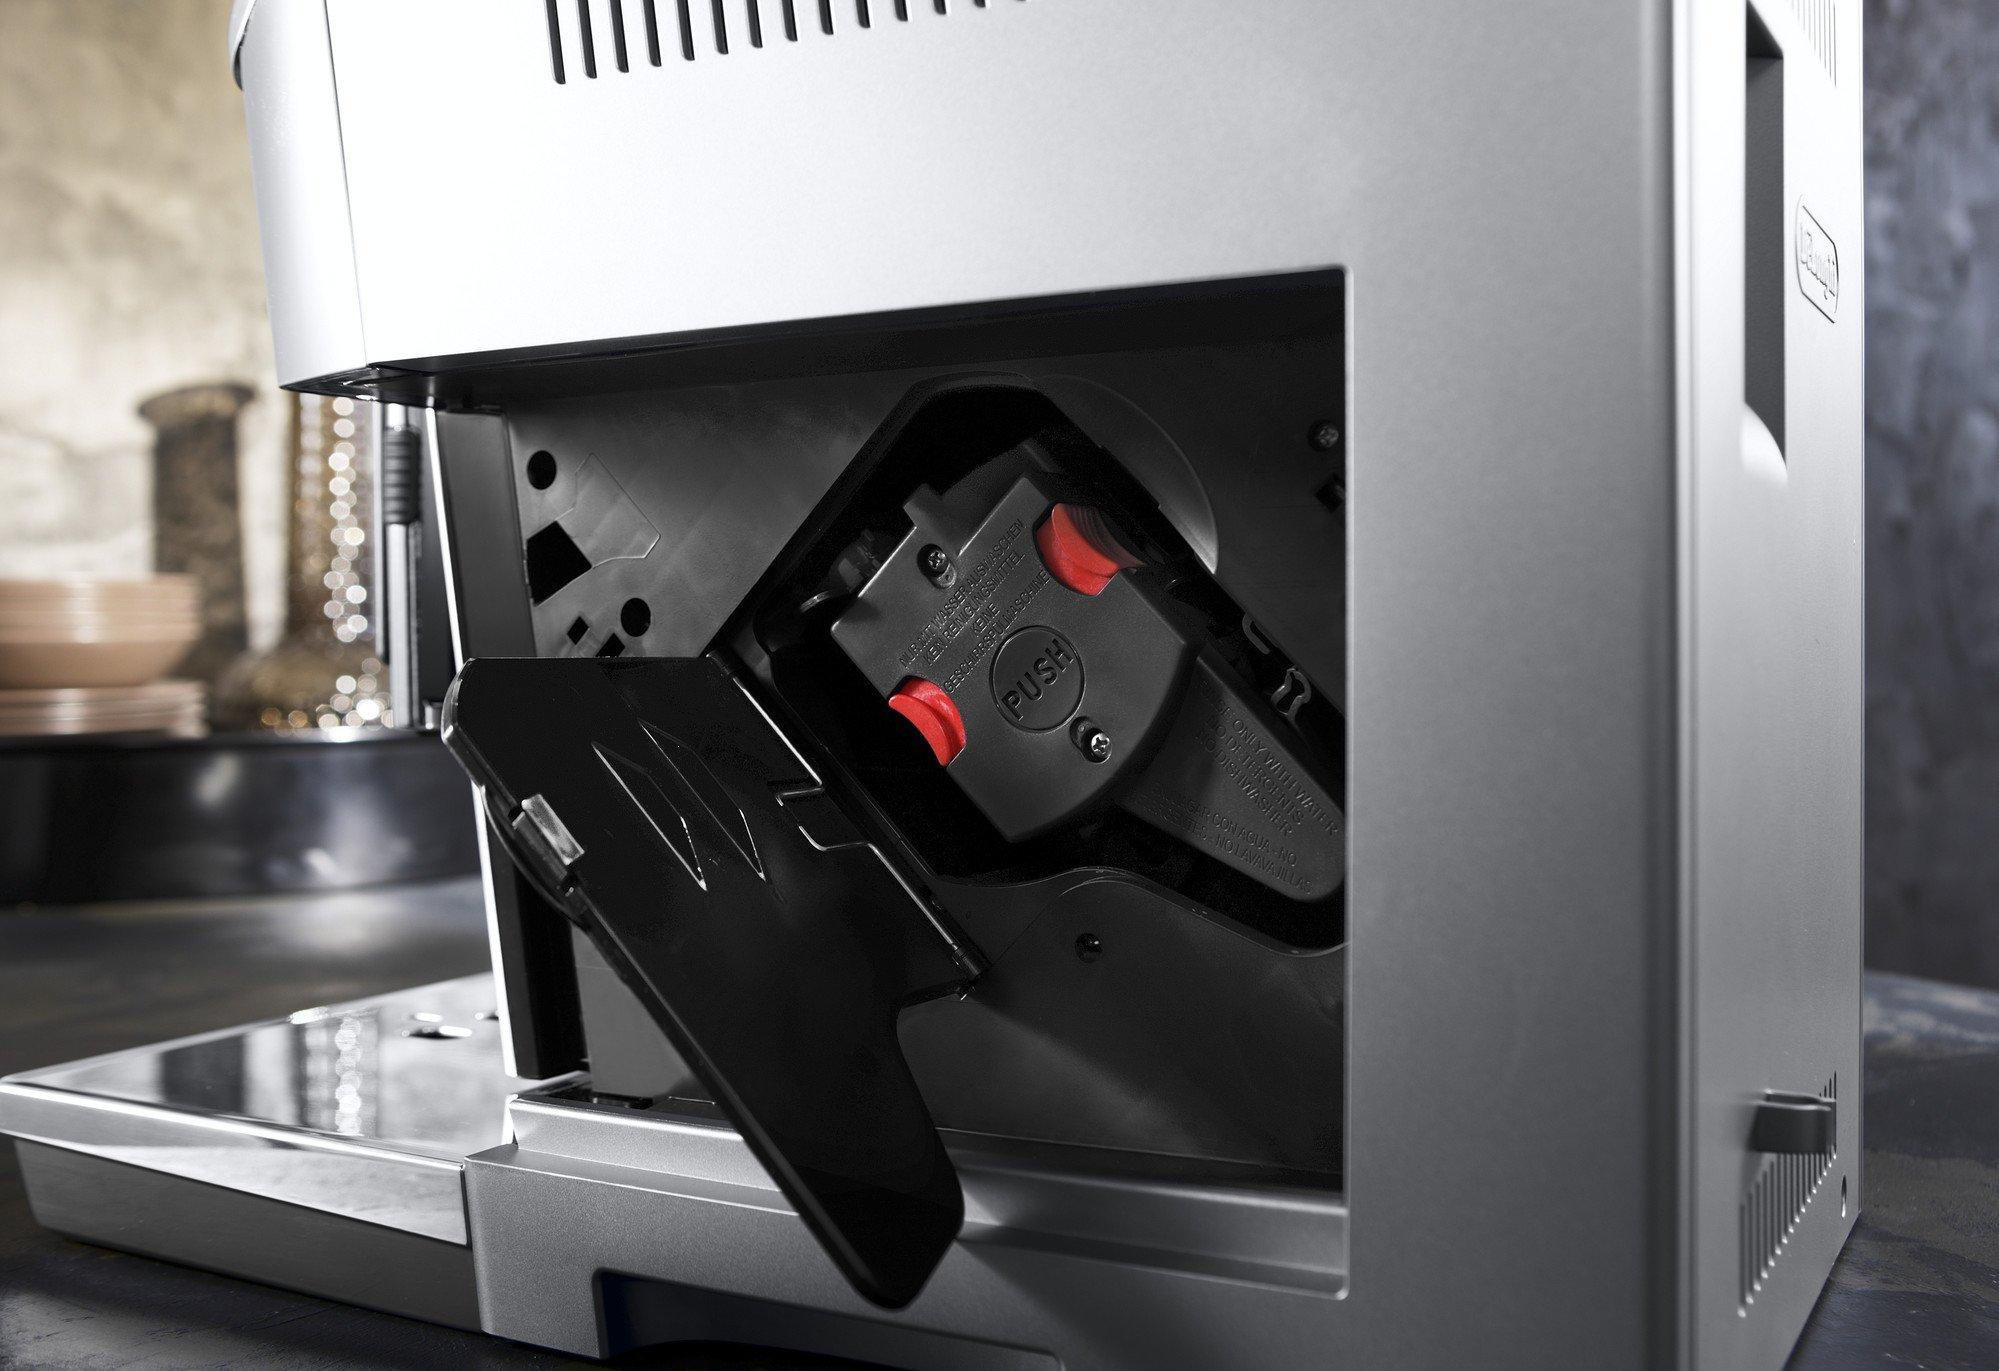 DeLonghi-PrimaDonna-Elite-ECAM-65655MS-Kaffeevollautomat-Farbdisplay-8-Sensortouch-Direktwahltasten-Integriertes-Milchsystem-APP-Steuerung-Edelstahlfront-2-Tassen-Funktion-Silber